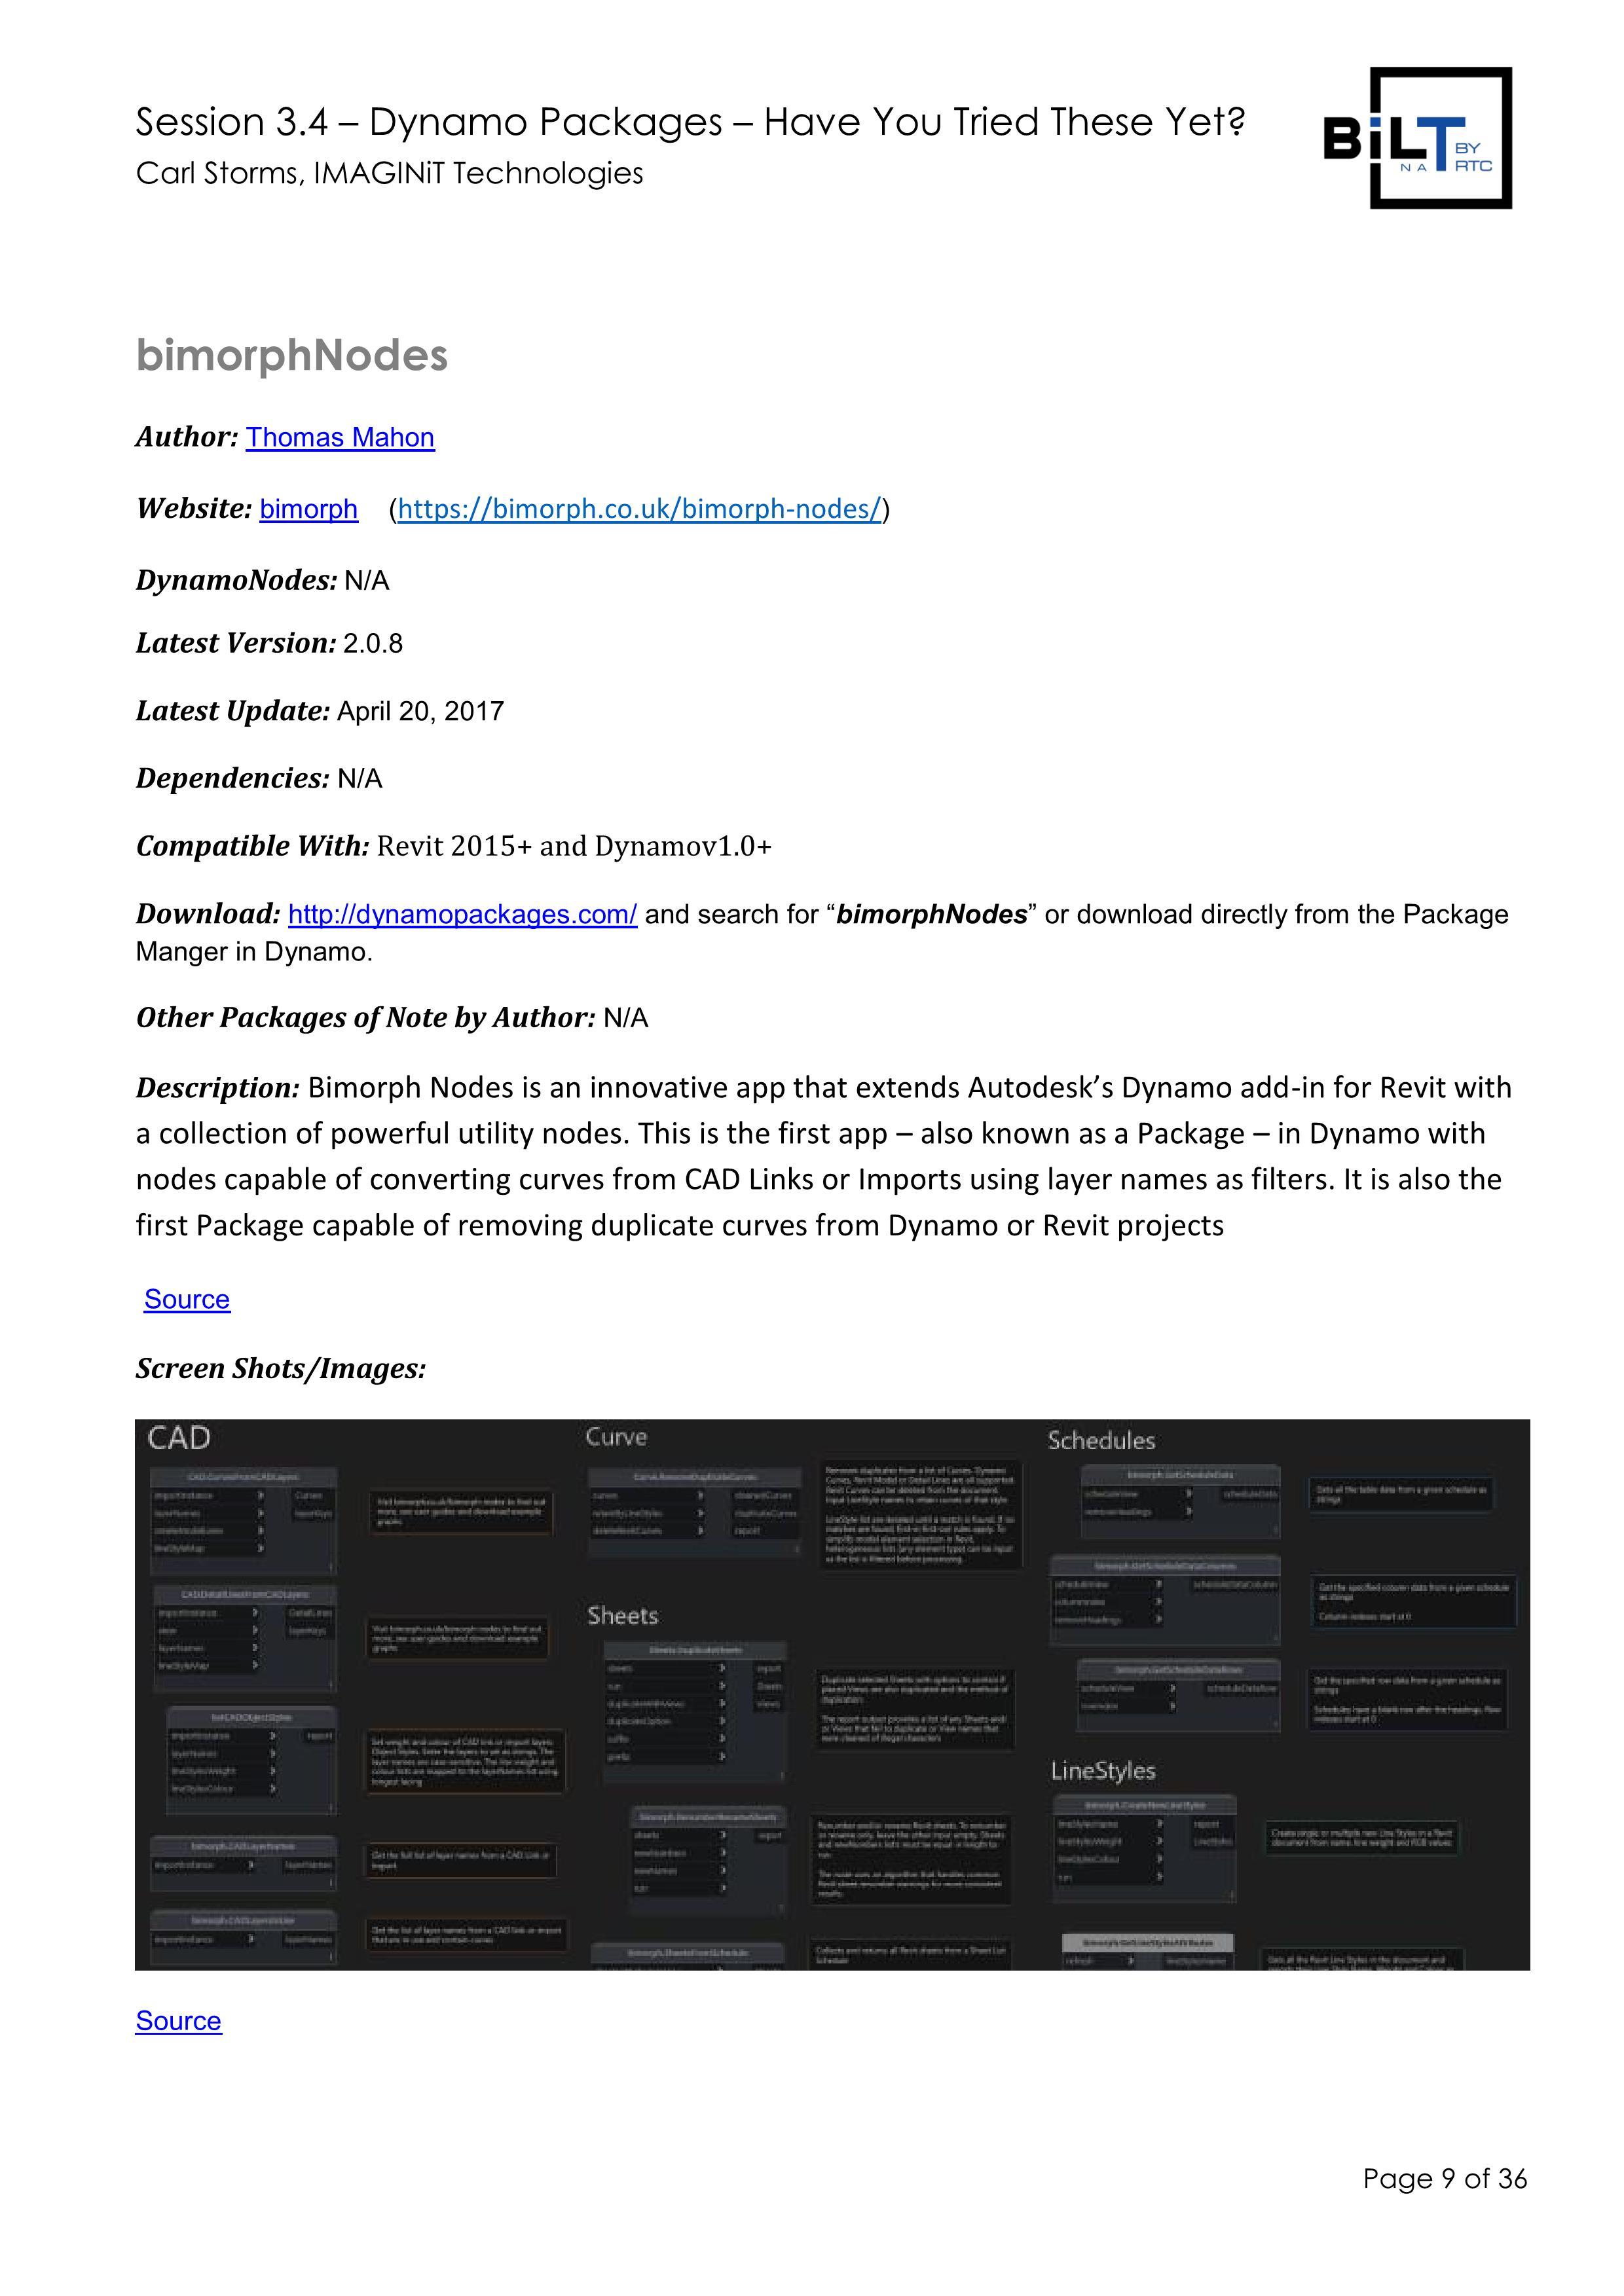 DynamoPackagesHaveYouTried Page 009.jpg